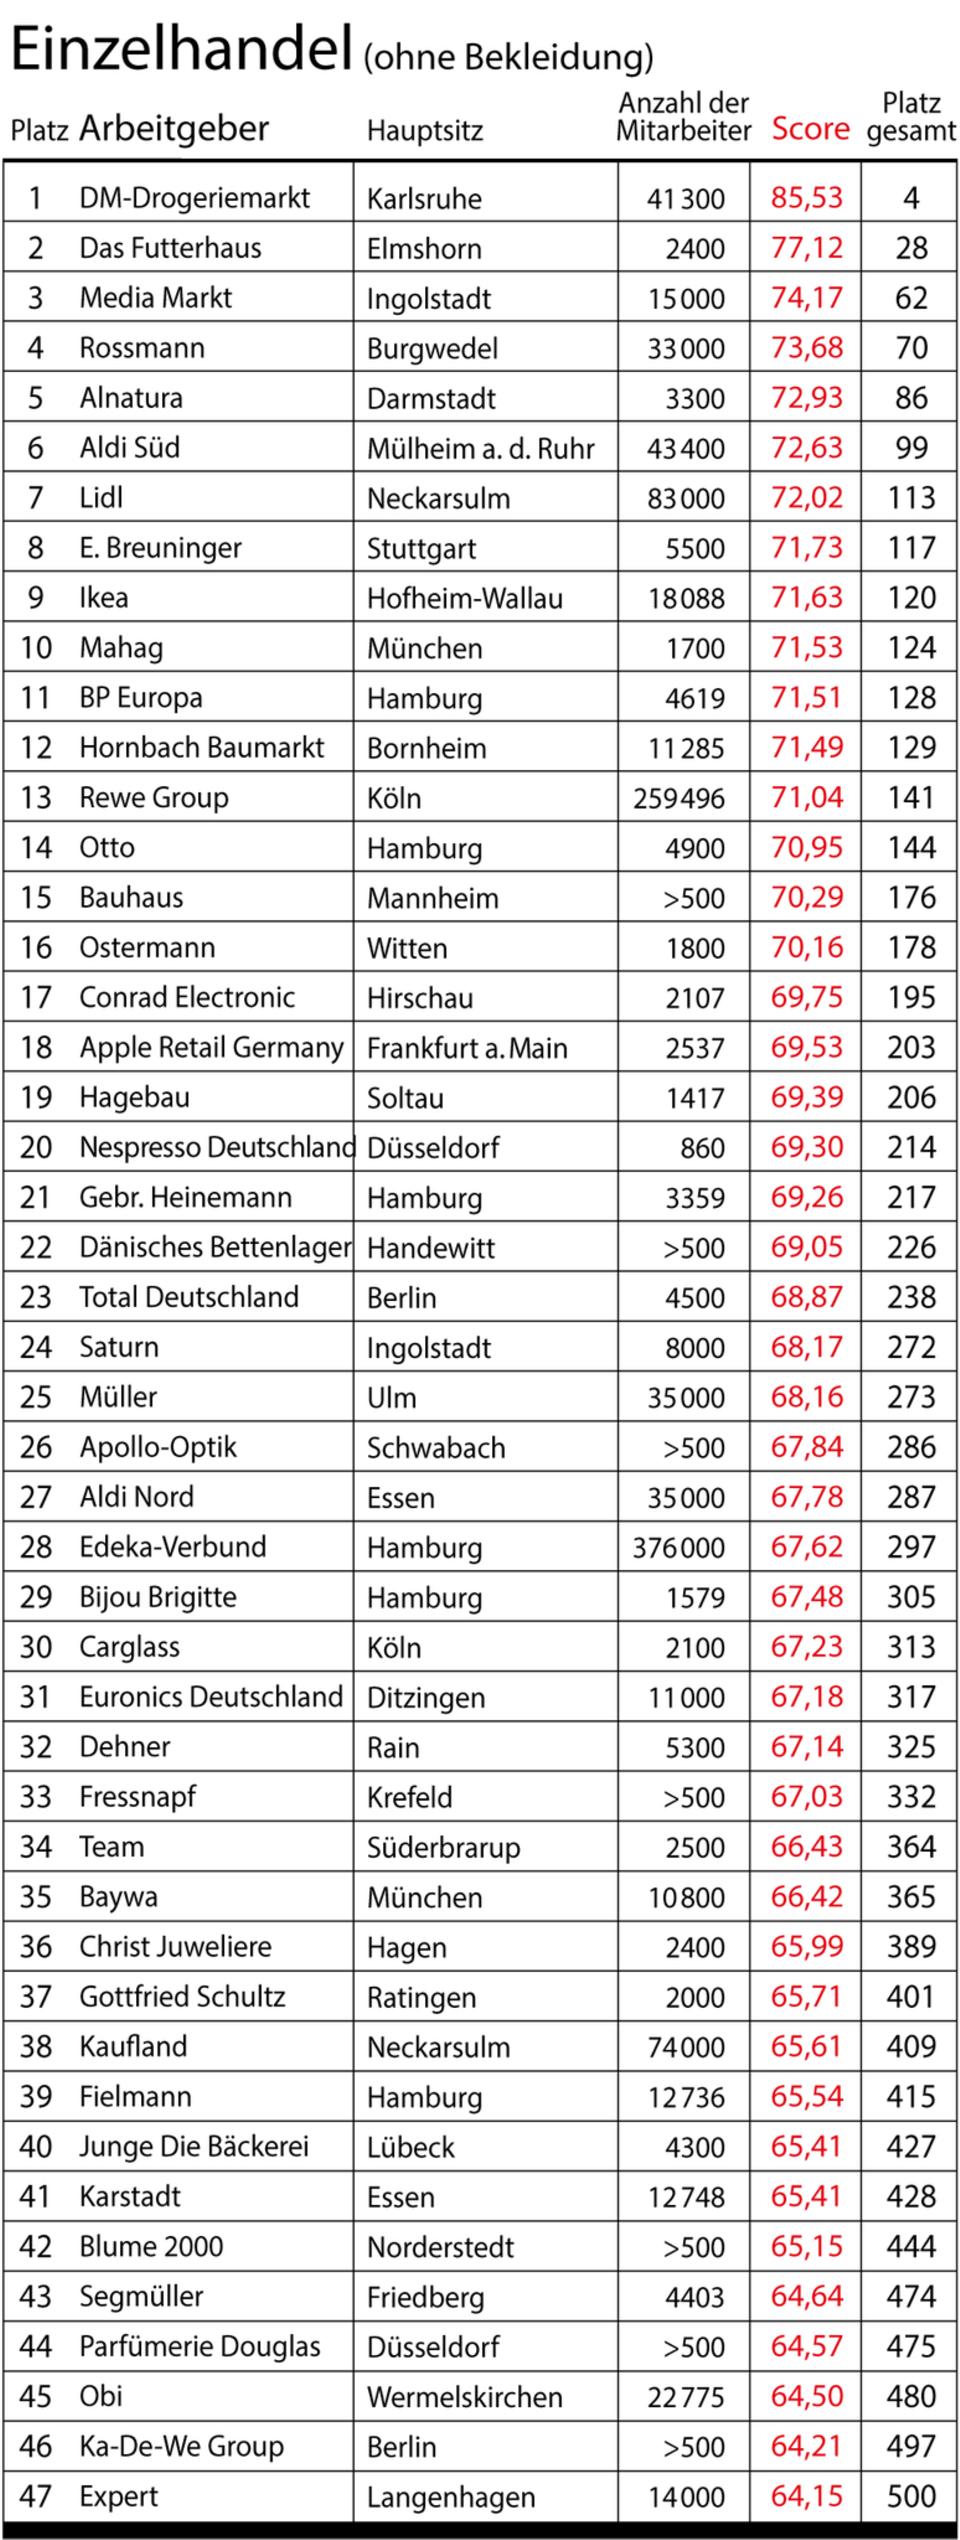 Das sind die besten Arbeitgeber Deutschlands im Einzelhandel